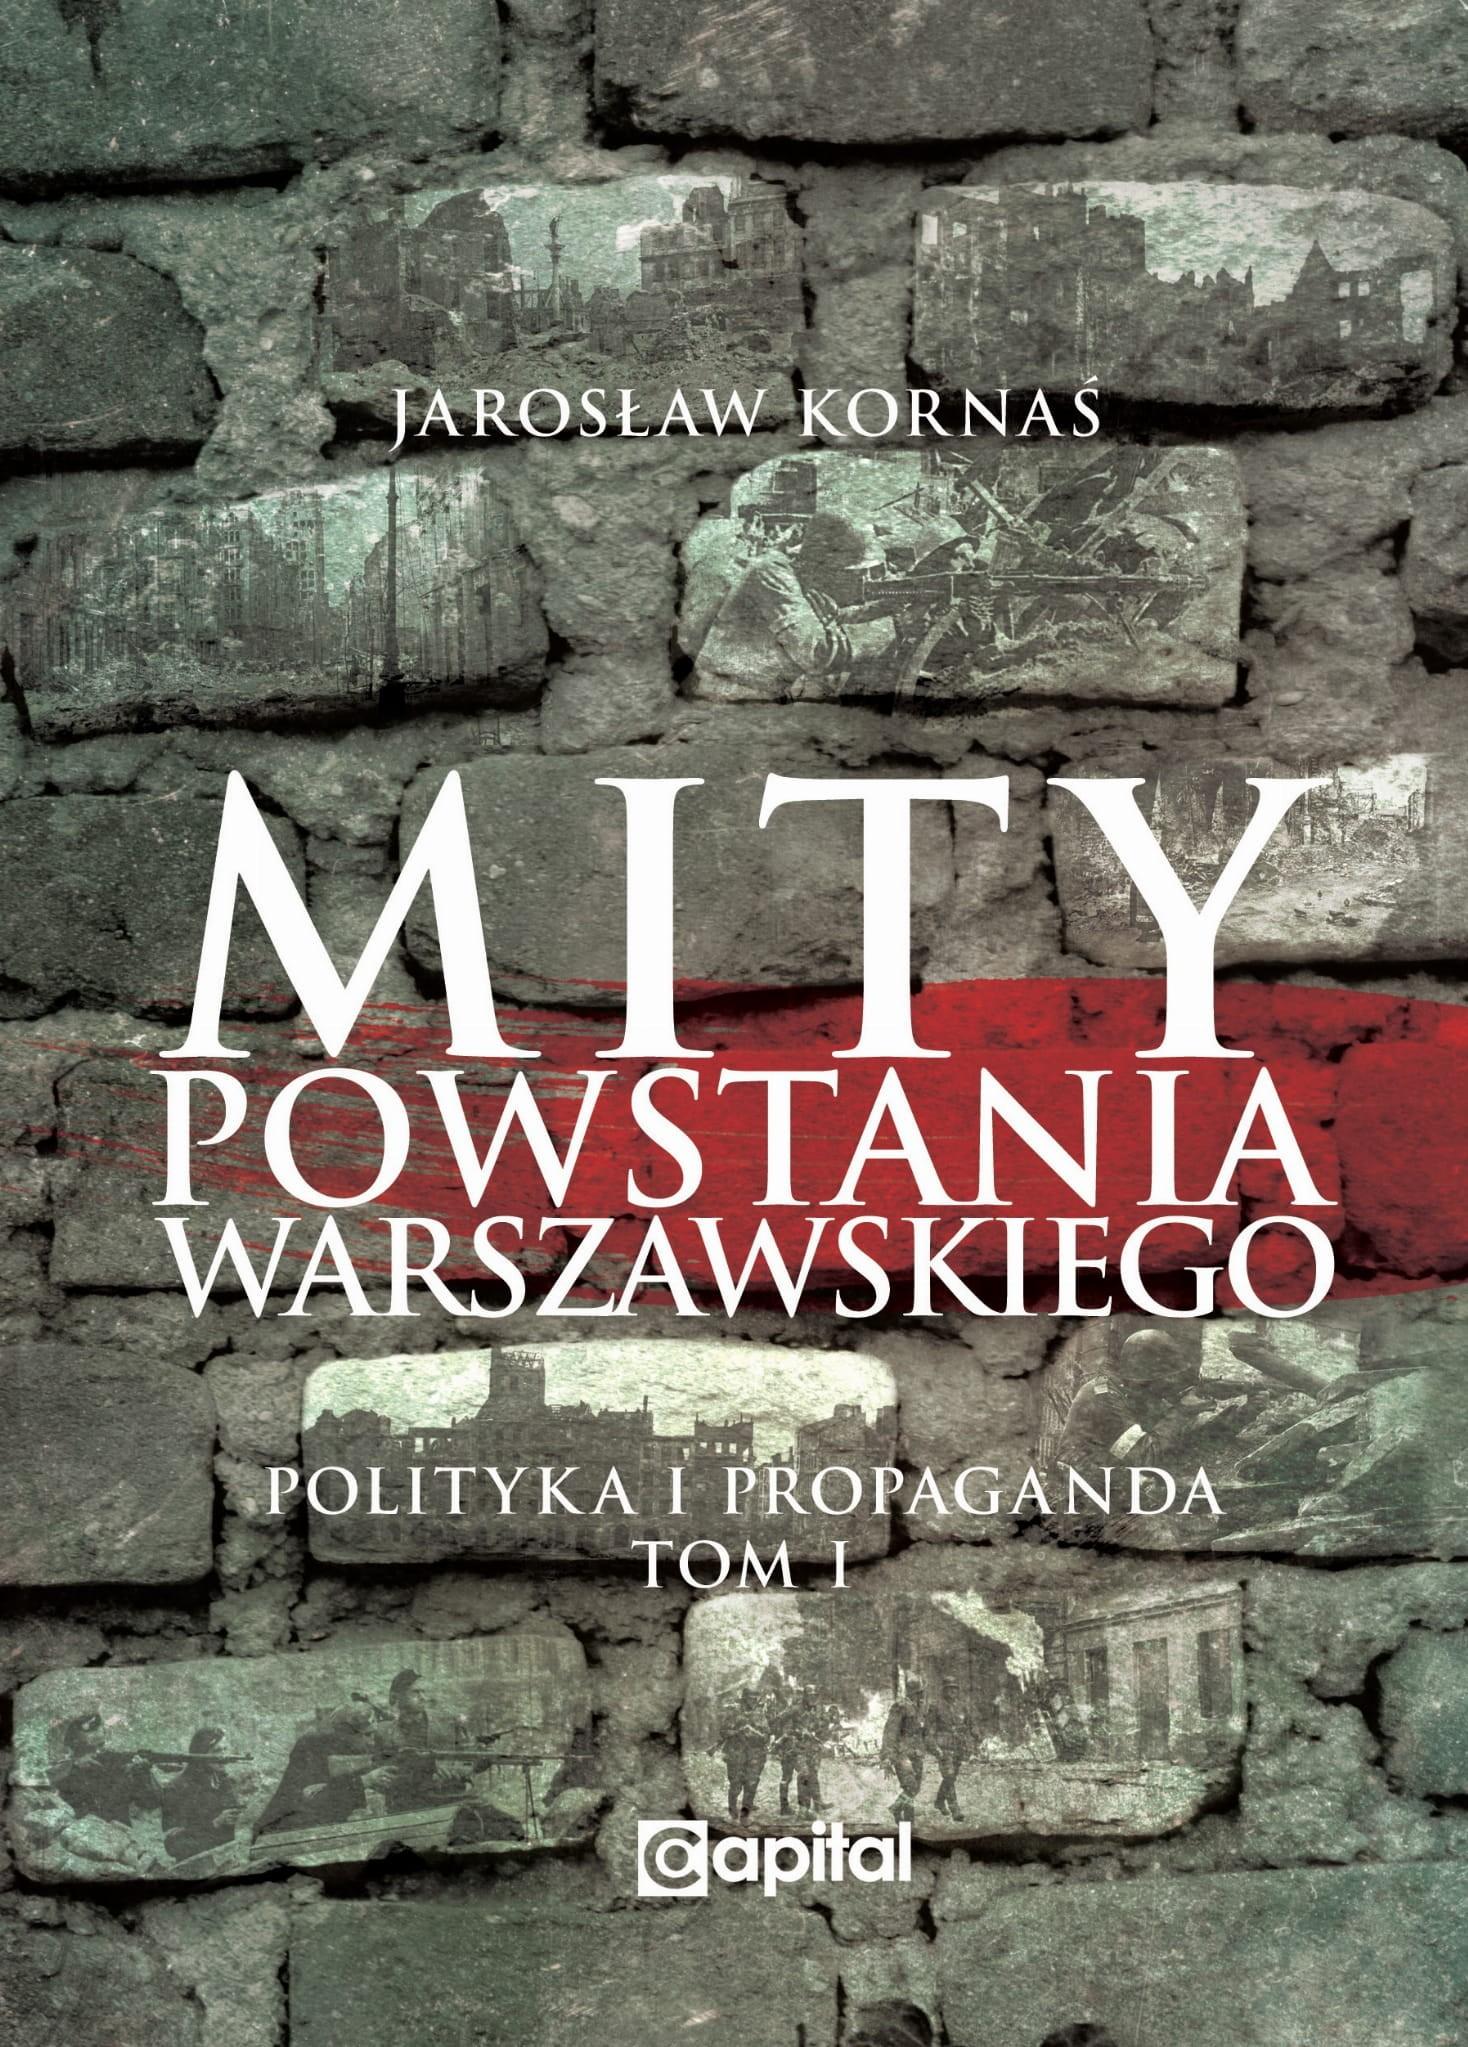 Mity Powstania Warszawskiego T.1 Polityka i propaganda (J.Kornaś)